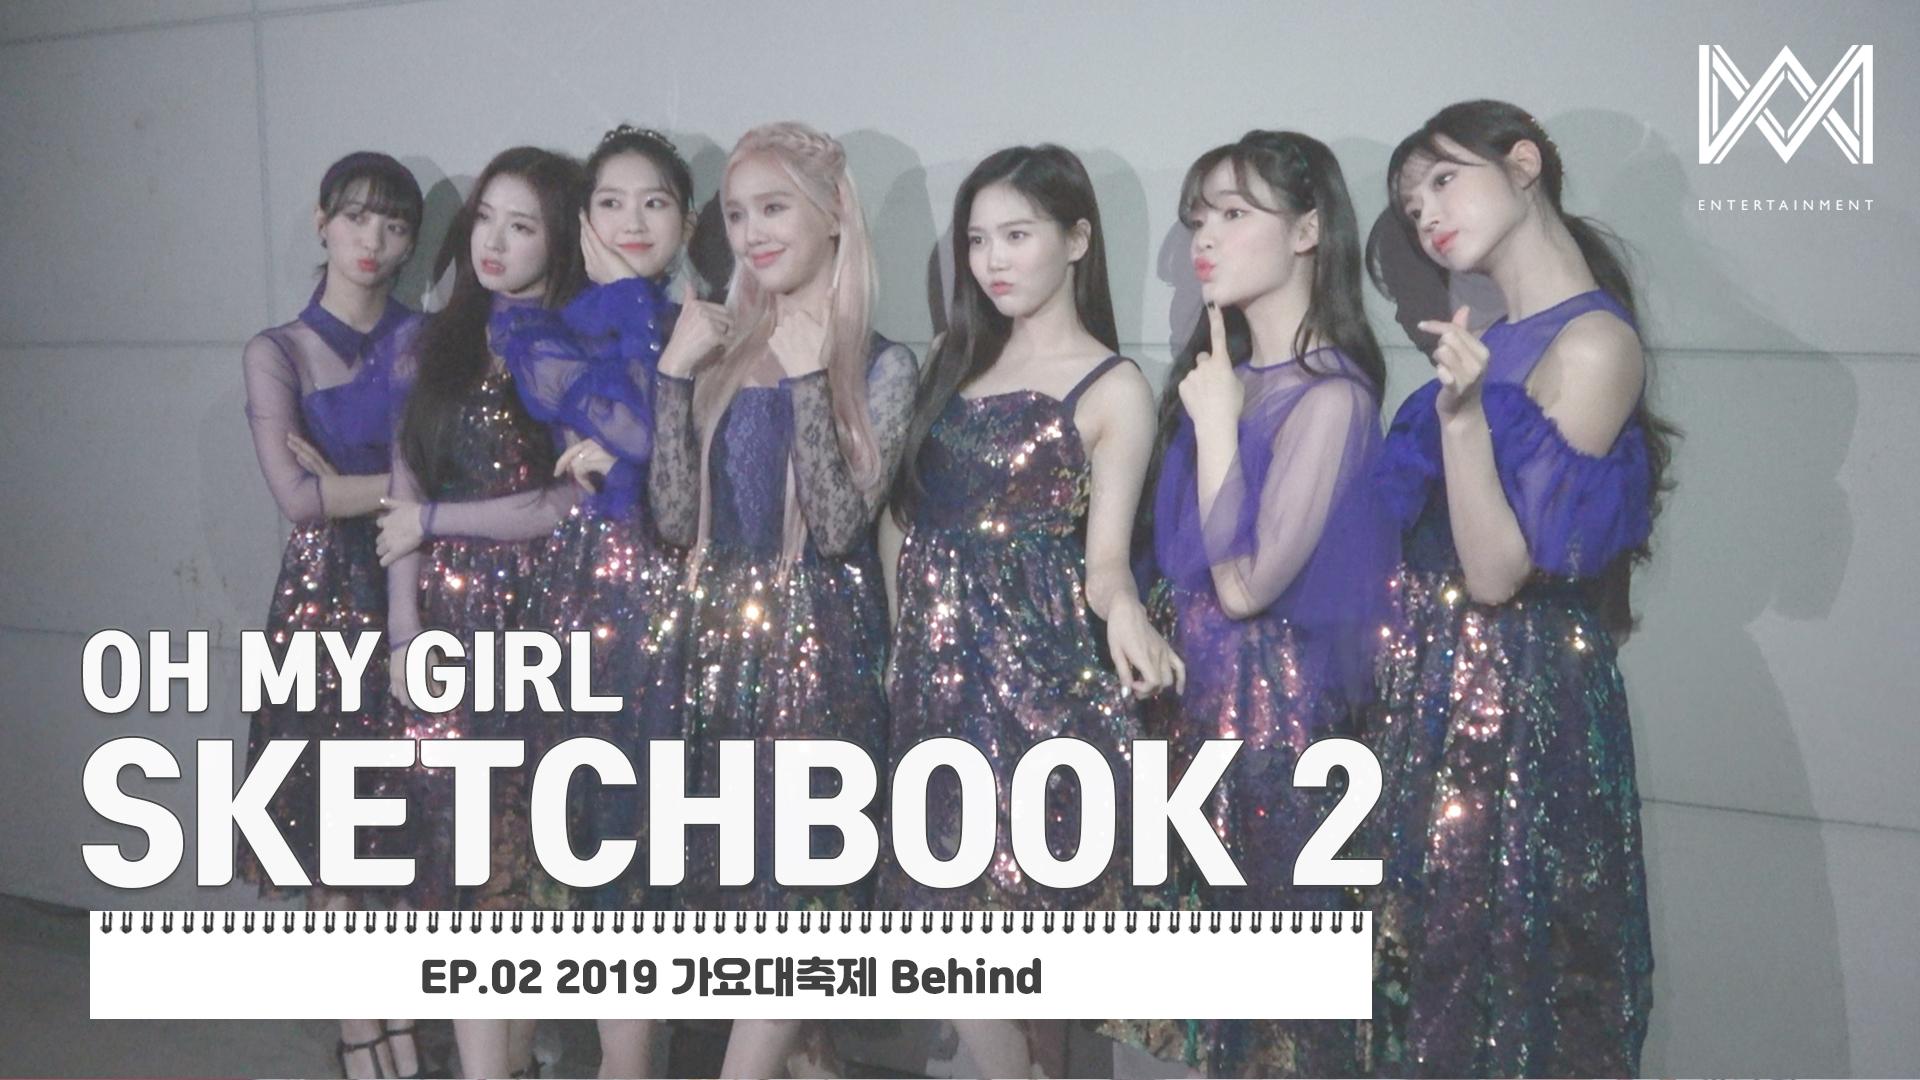 [OH MY GIRL SKETCHBOOK 2] EP.02 2019 가요대축제 Behind